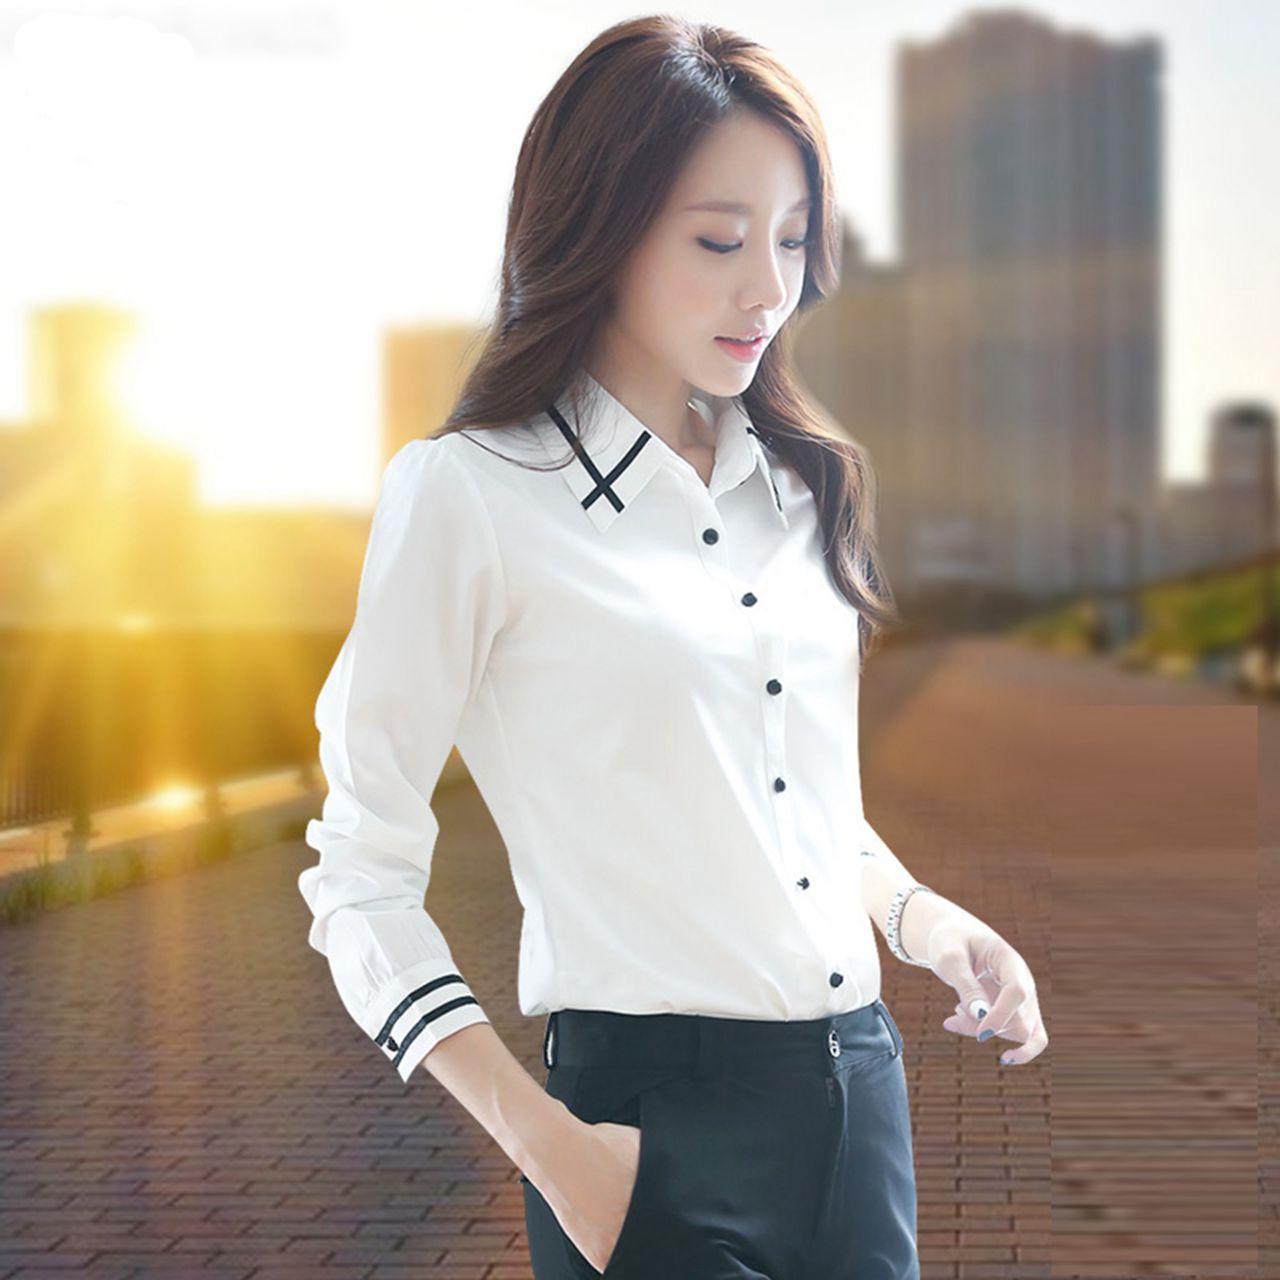 韩版雪纺衬衫 白衬衫女长袖韩范学院风韩版休闲职业装女士衬衣雪纺上衣大码寸衫_推荐淘宝好看的女韩版雪纺衬衫